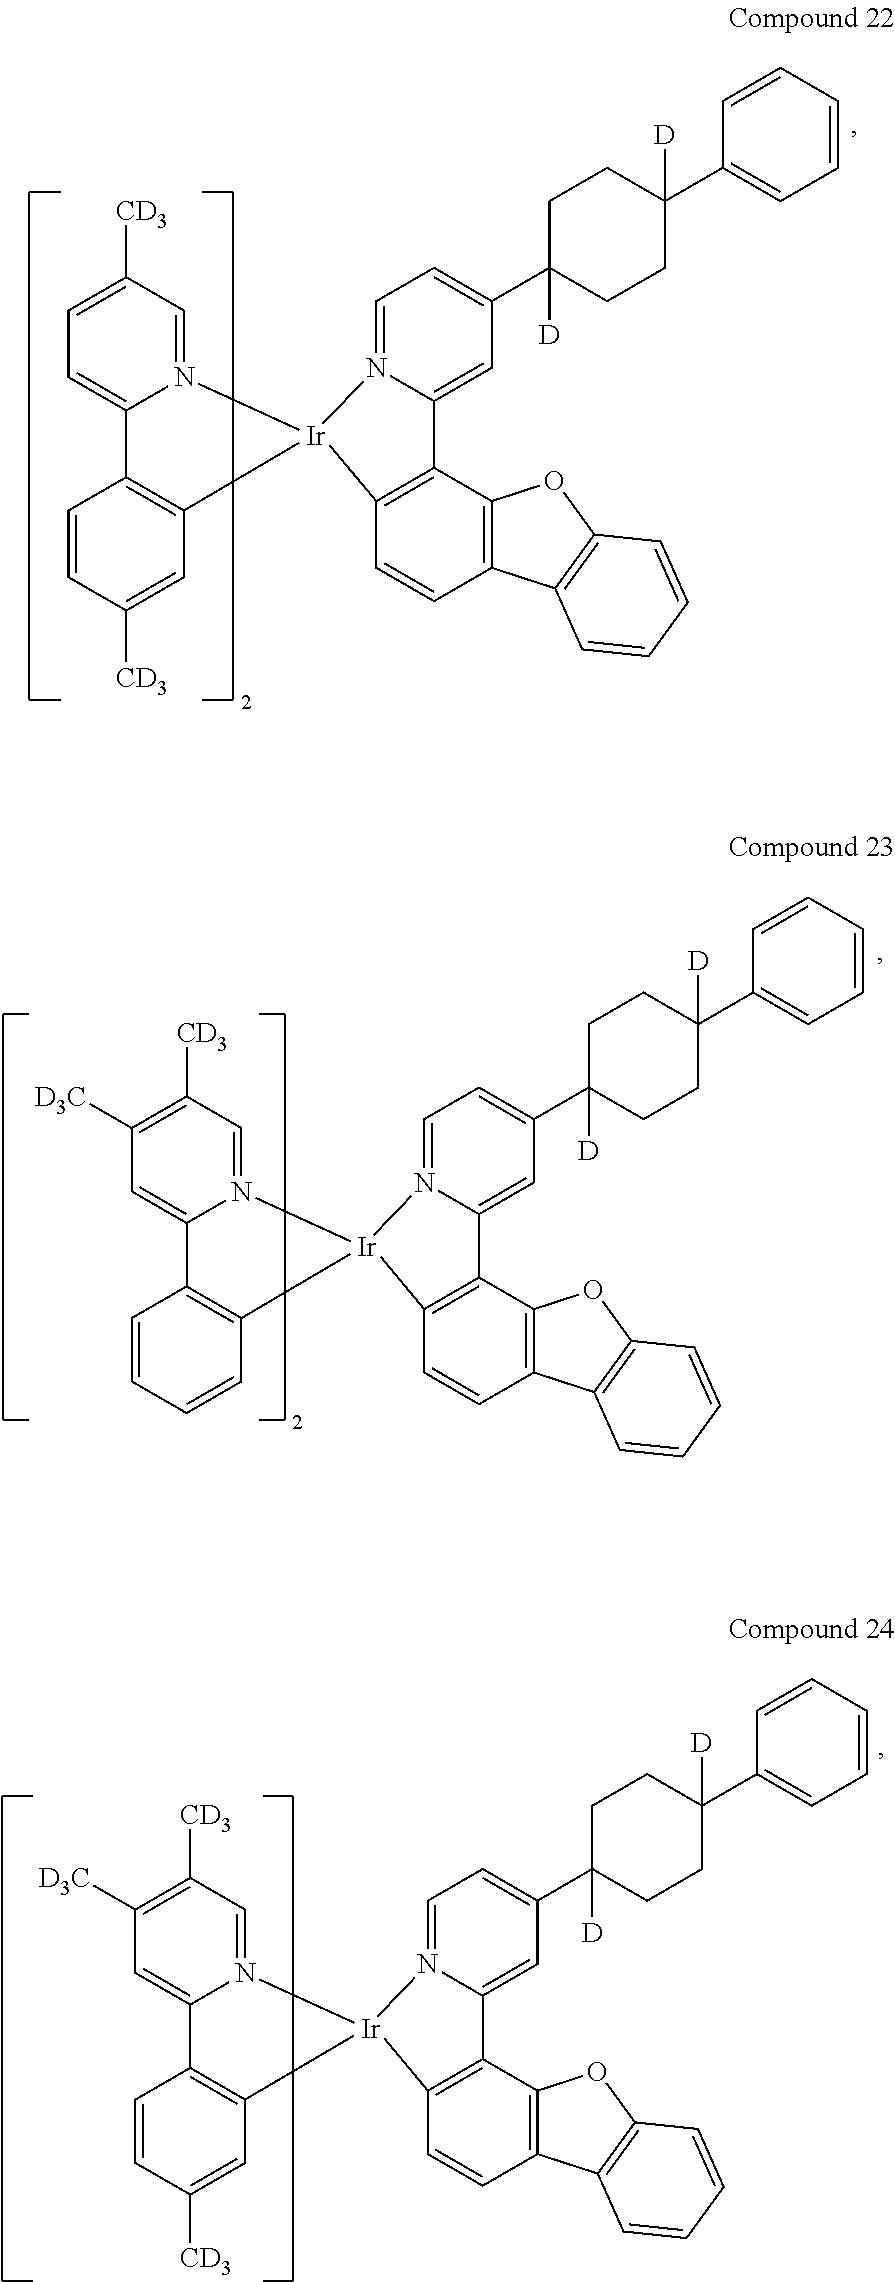 Figure US20180076393A1-20180315-C00161